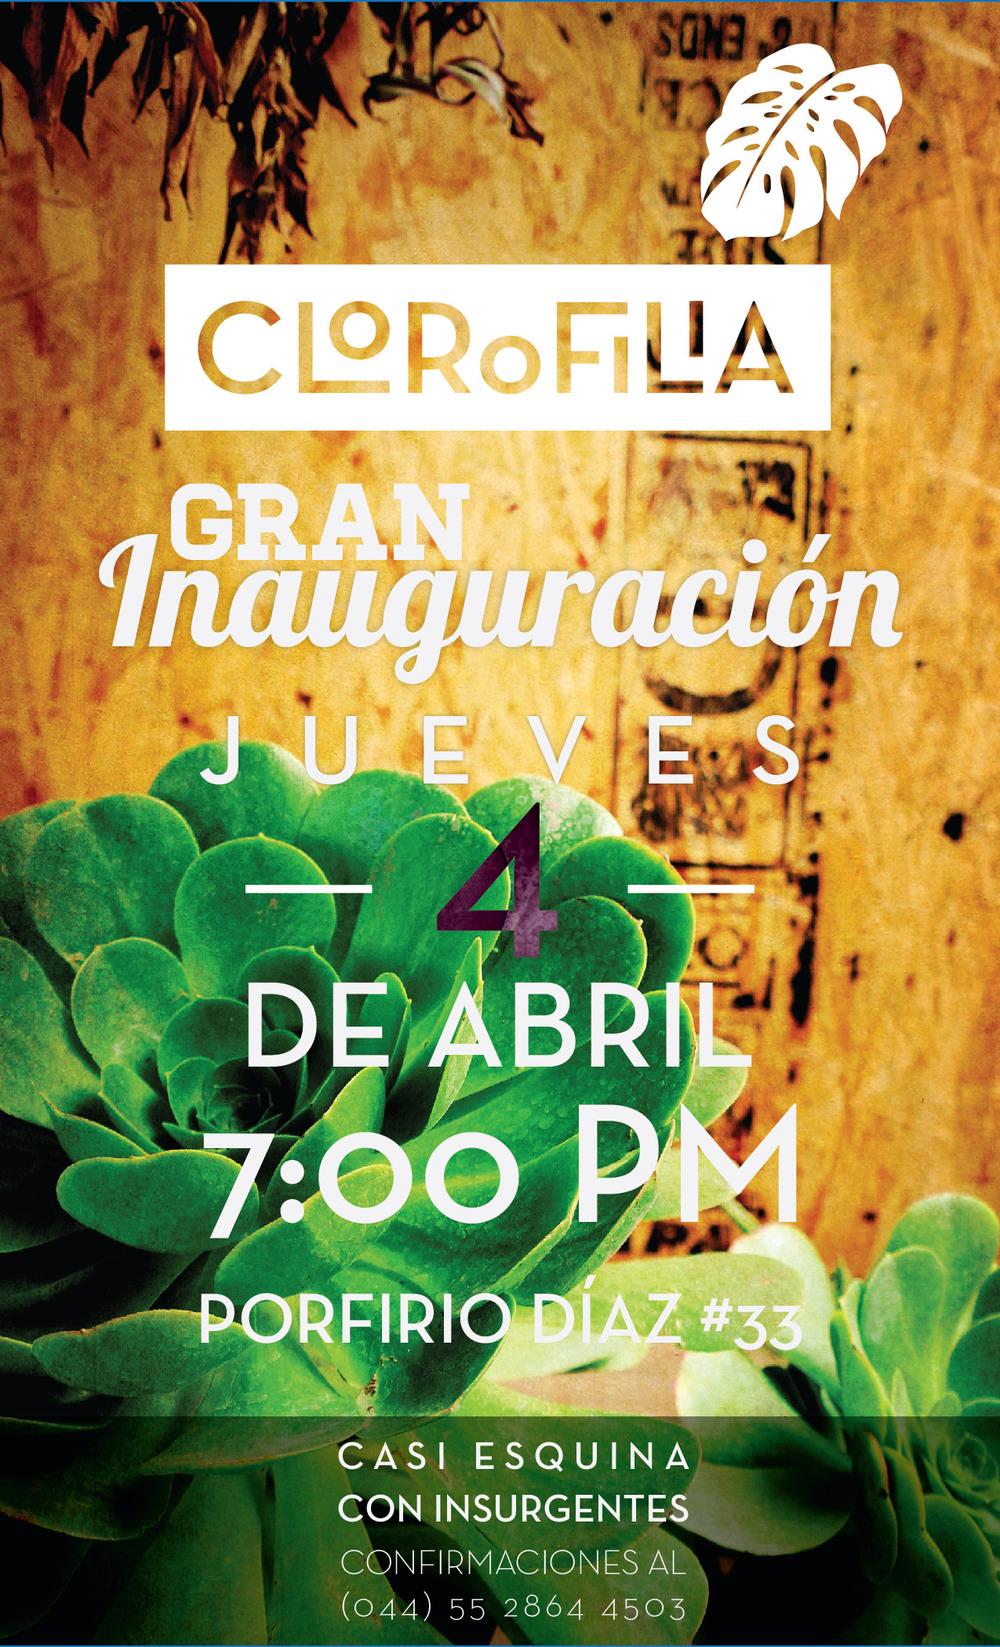 invitacion inauguracion clorofilia